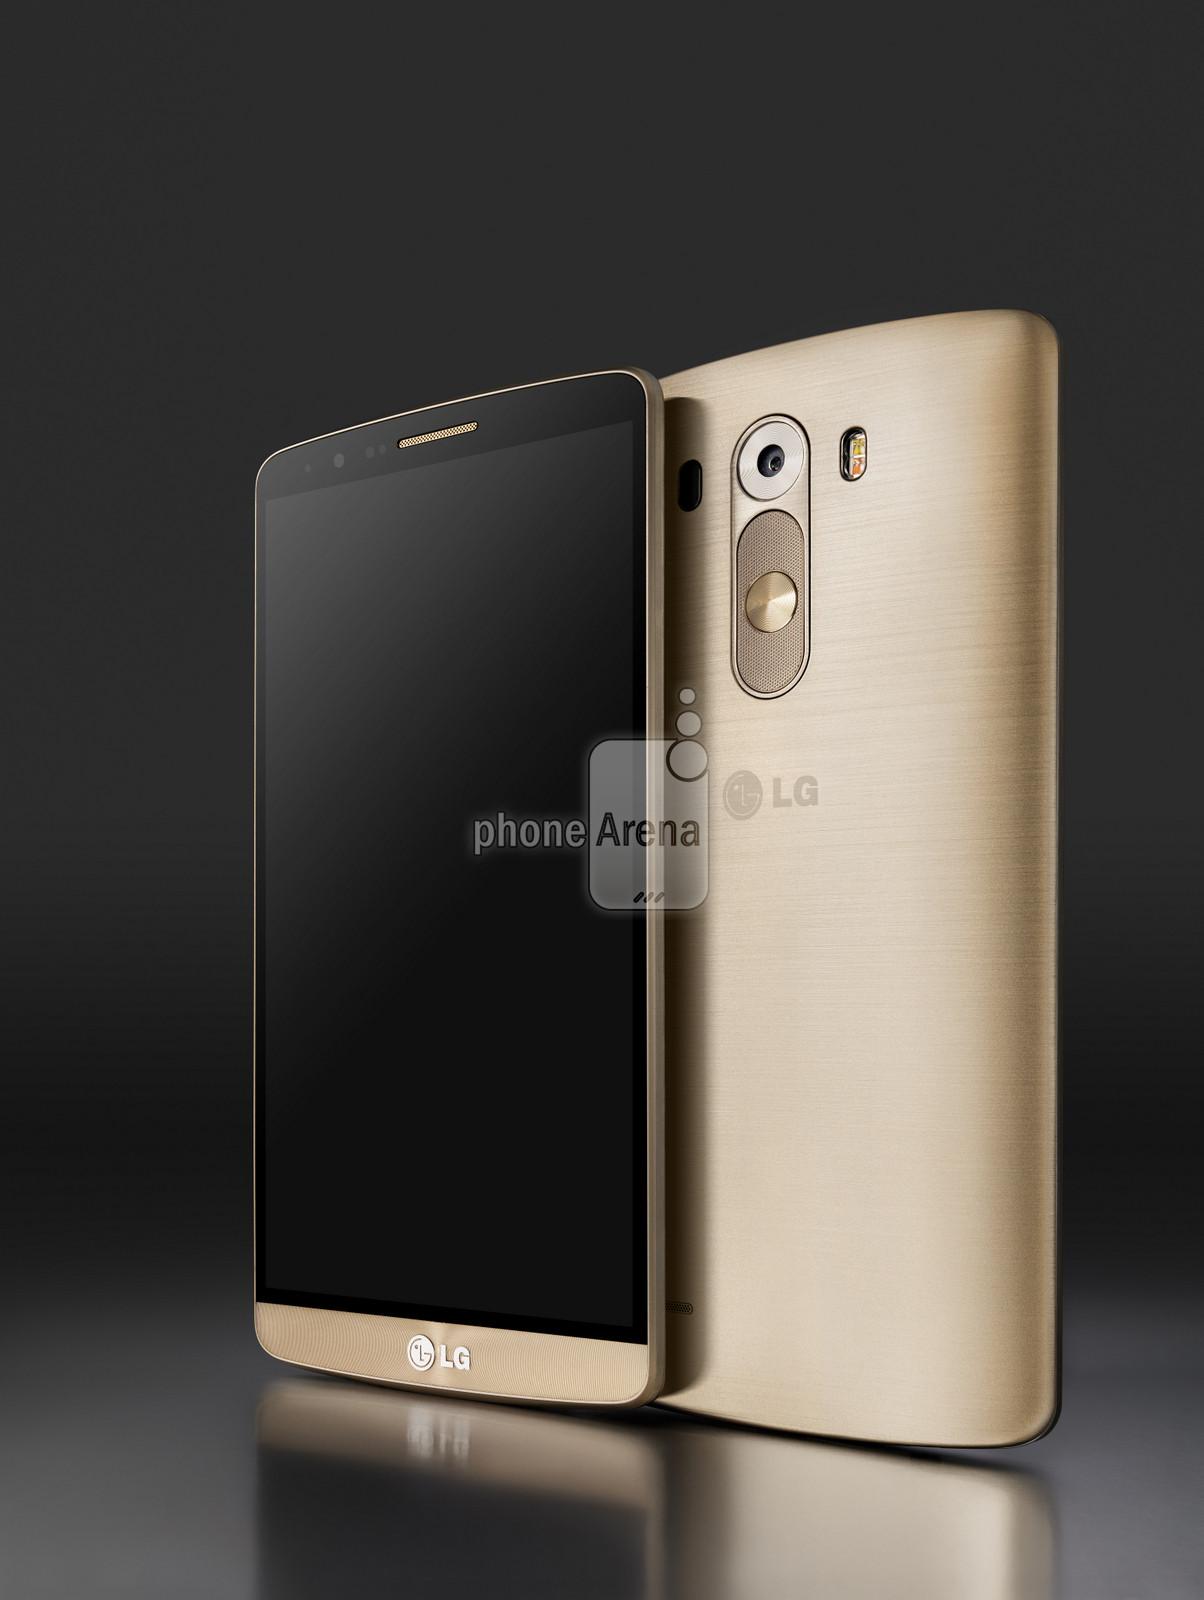 ����� ����� ���� LG g3 ������ 2014 , ��� ���� LG g3